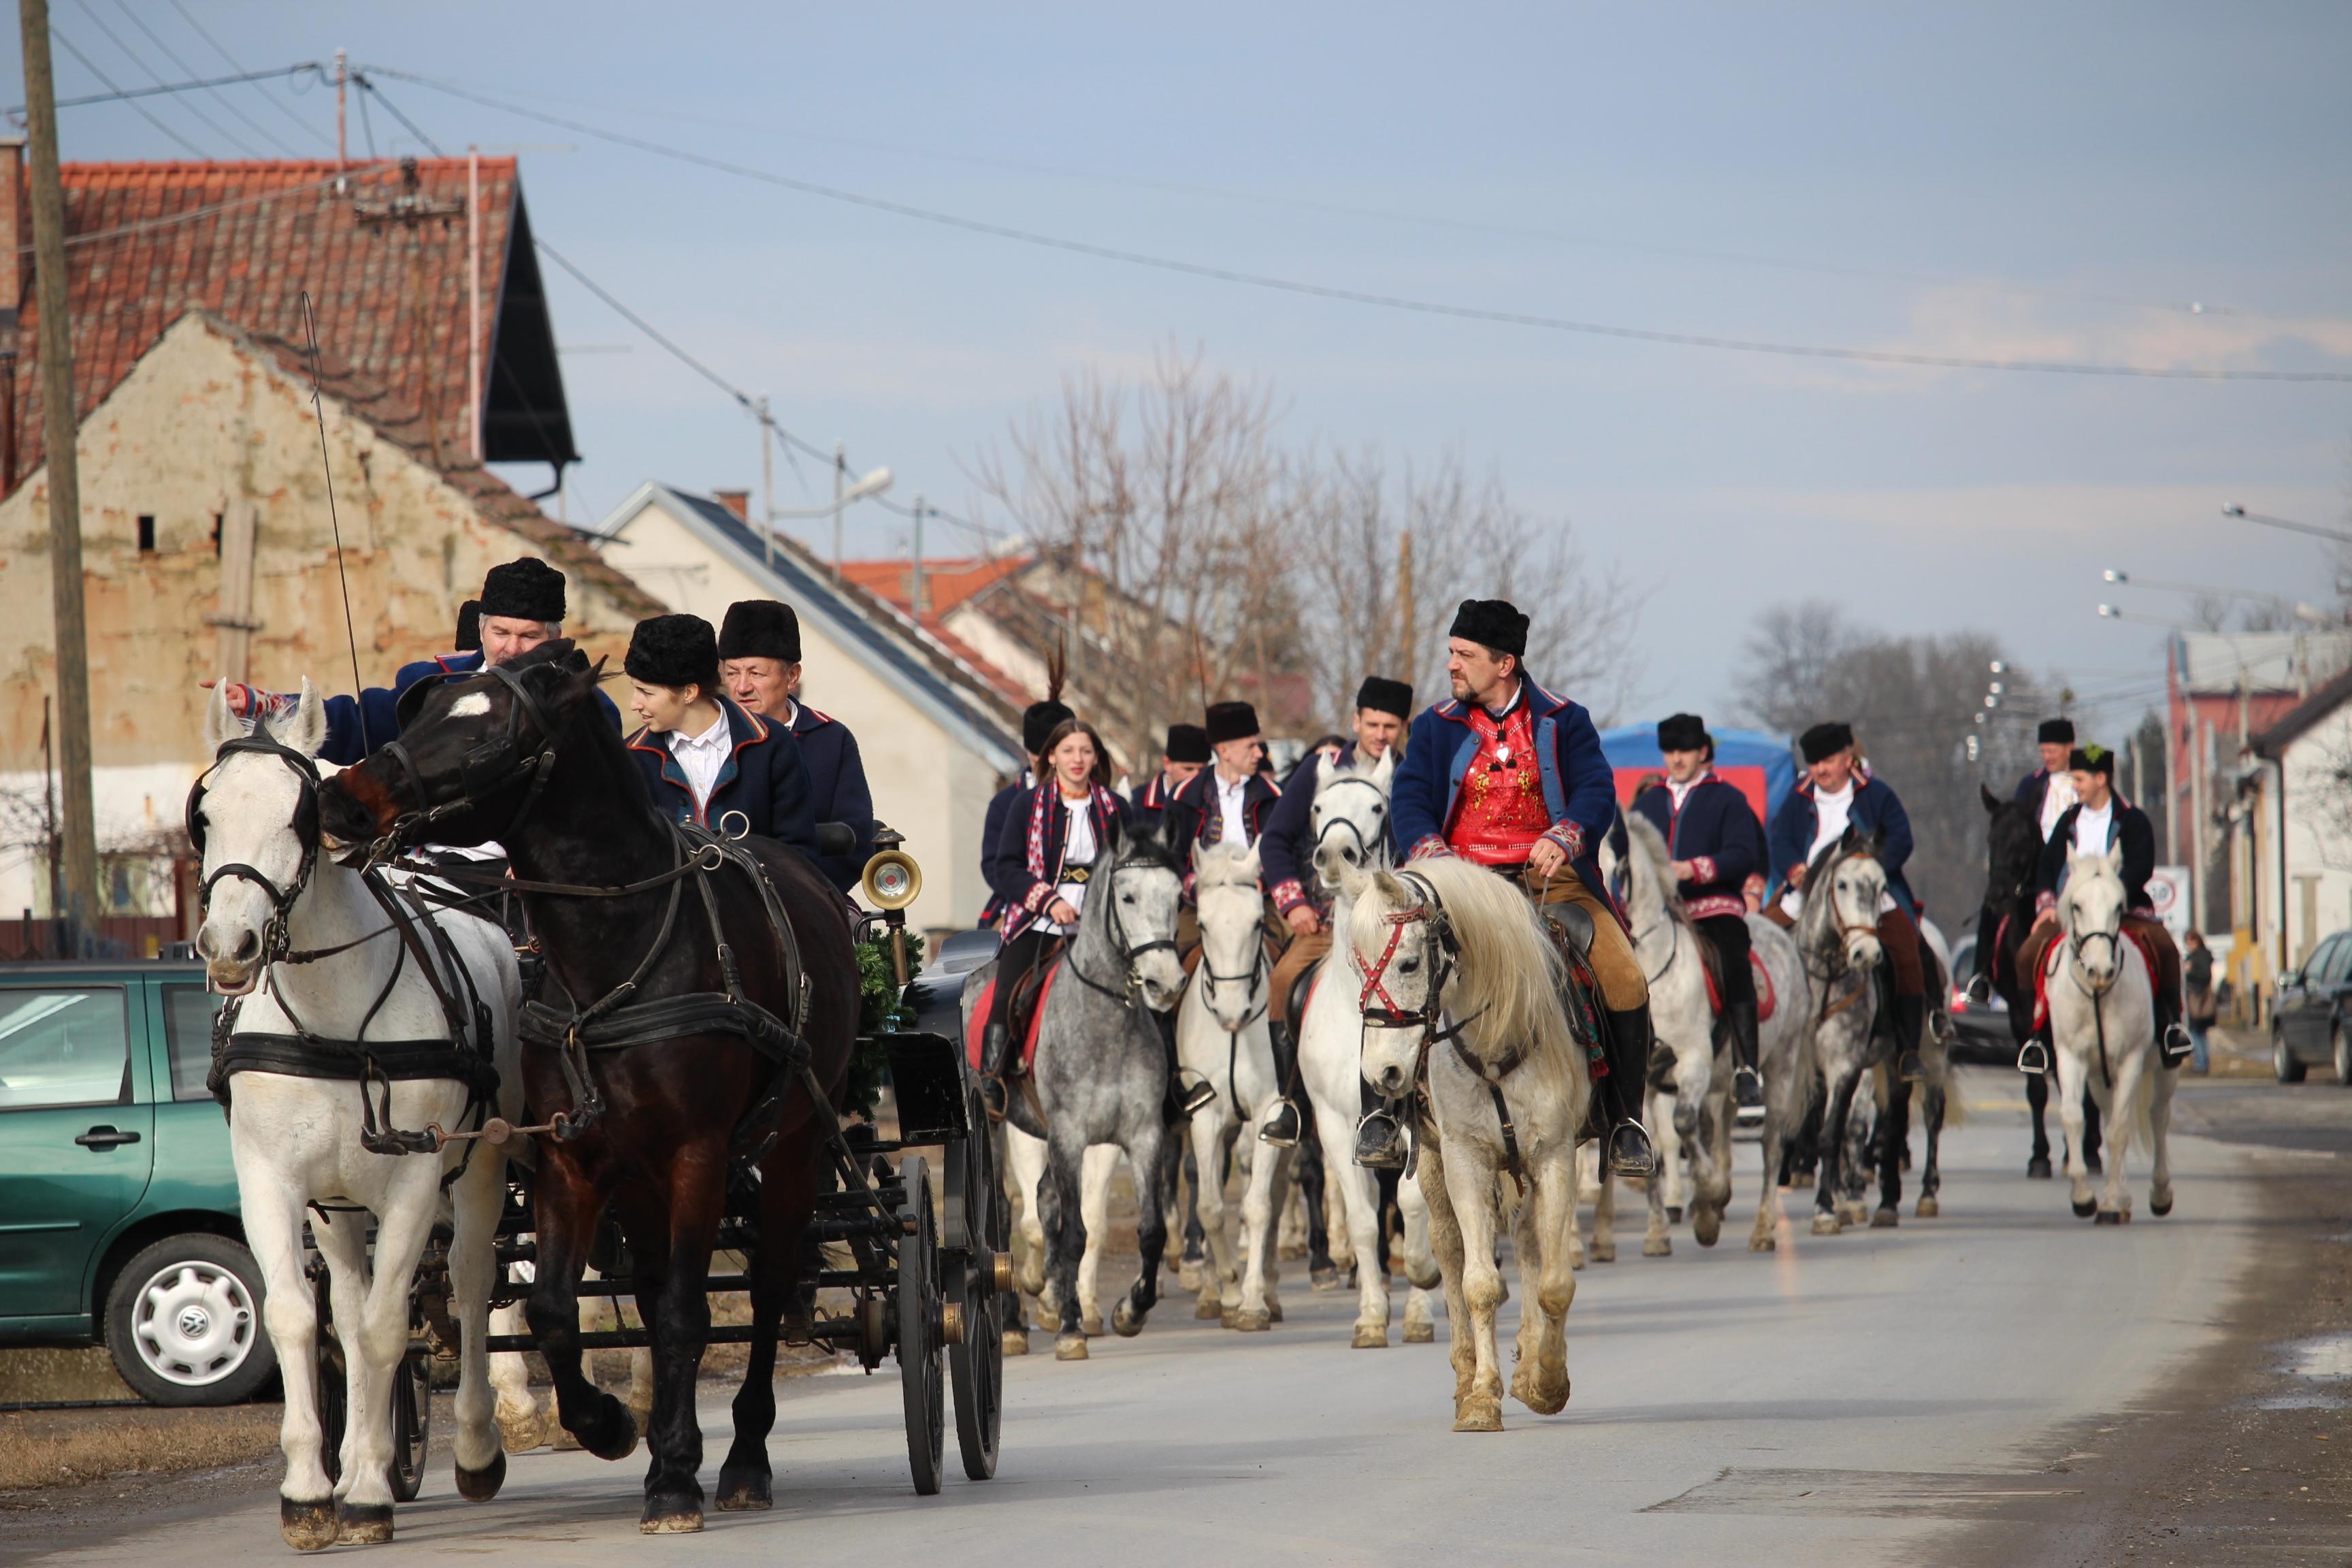 <p>Šesnaesto Pokladno jahanje održano je u Čepinu. Ova tradicionalna manifestacija se održava već 16 godina u Čepinu. Jahanje je održavano po svim vremenskim uvjetima što pokazuje veliku ljubav prema običaju i održavanju ove tradicije u Čepinu.</p>